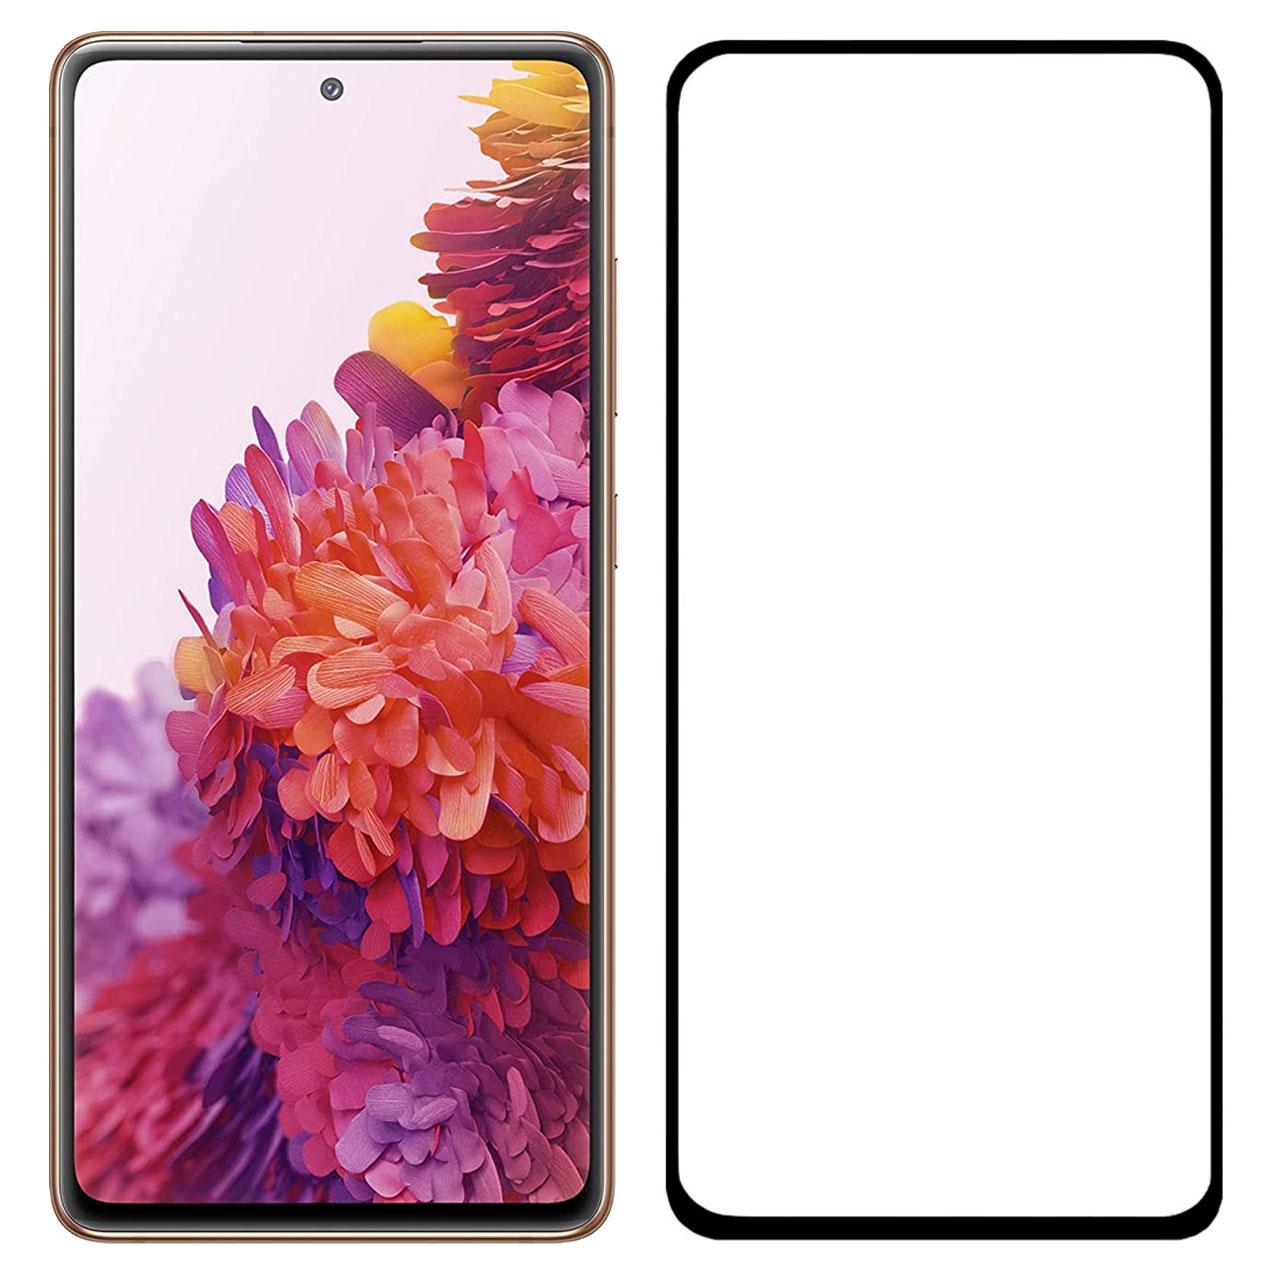 محافظ صفحه نمایش مدل FCG مناسب برای گوشی موبایل سامسونگ Galaxy S20 FE